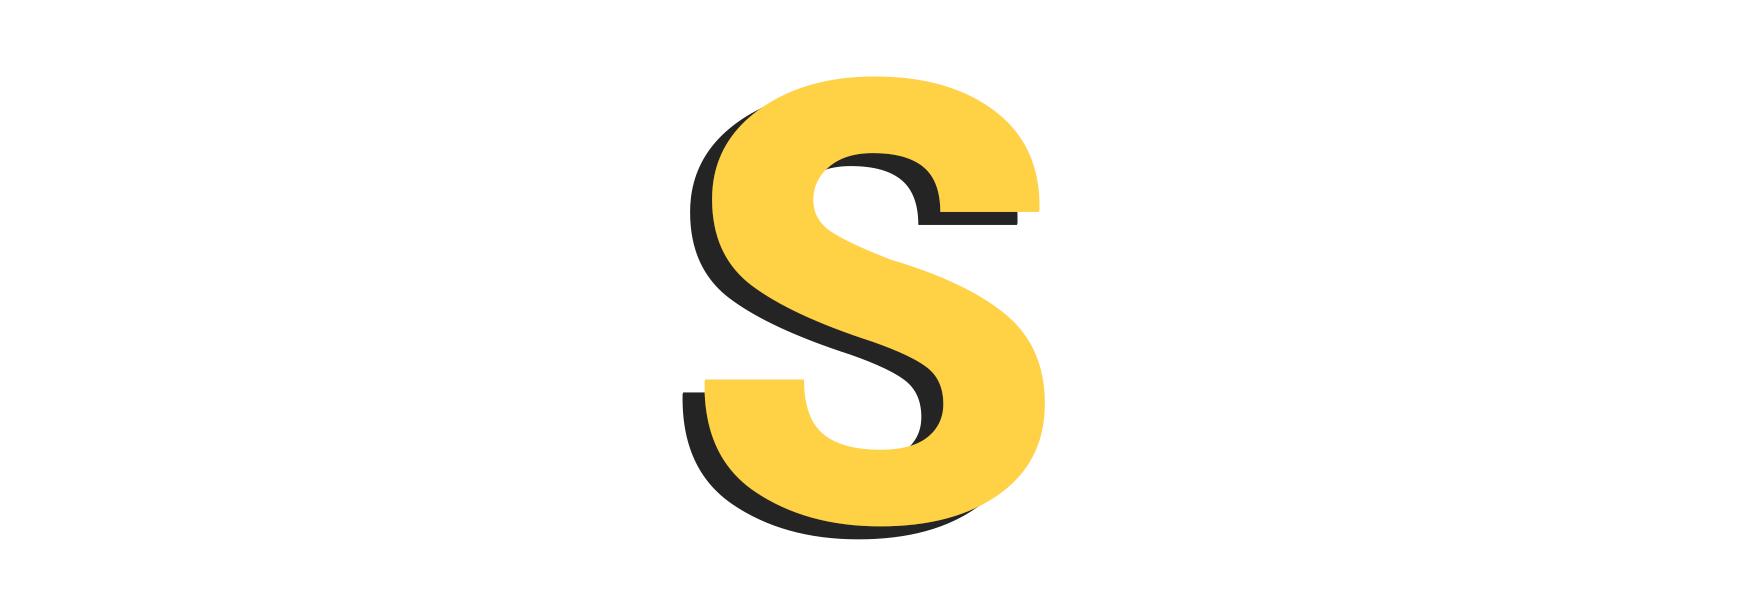 Designagentur-Stuttgart-Kreativbetrieb-Design-Lexikon-Schlagschatten-1